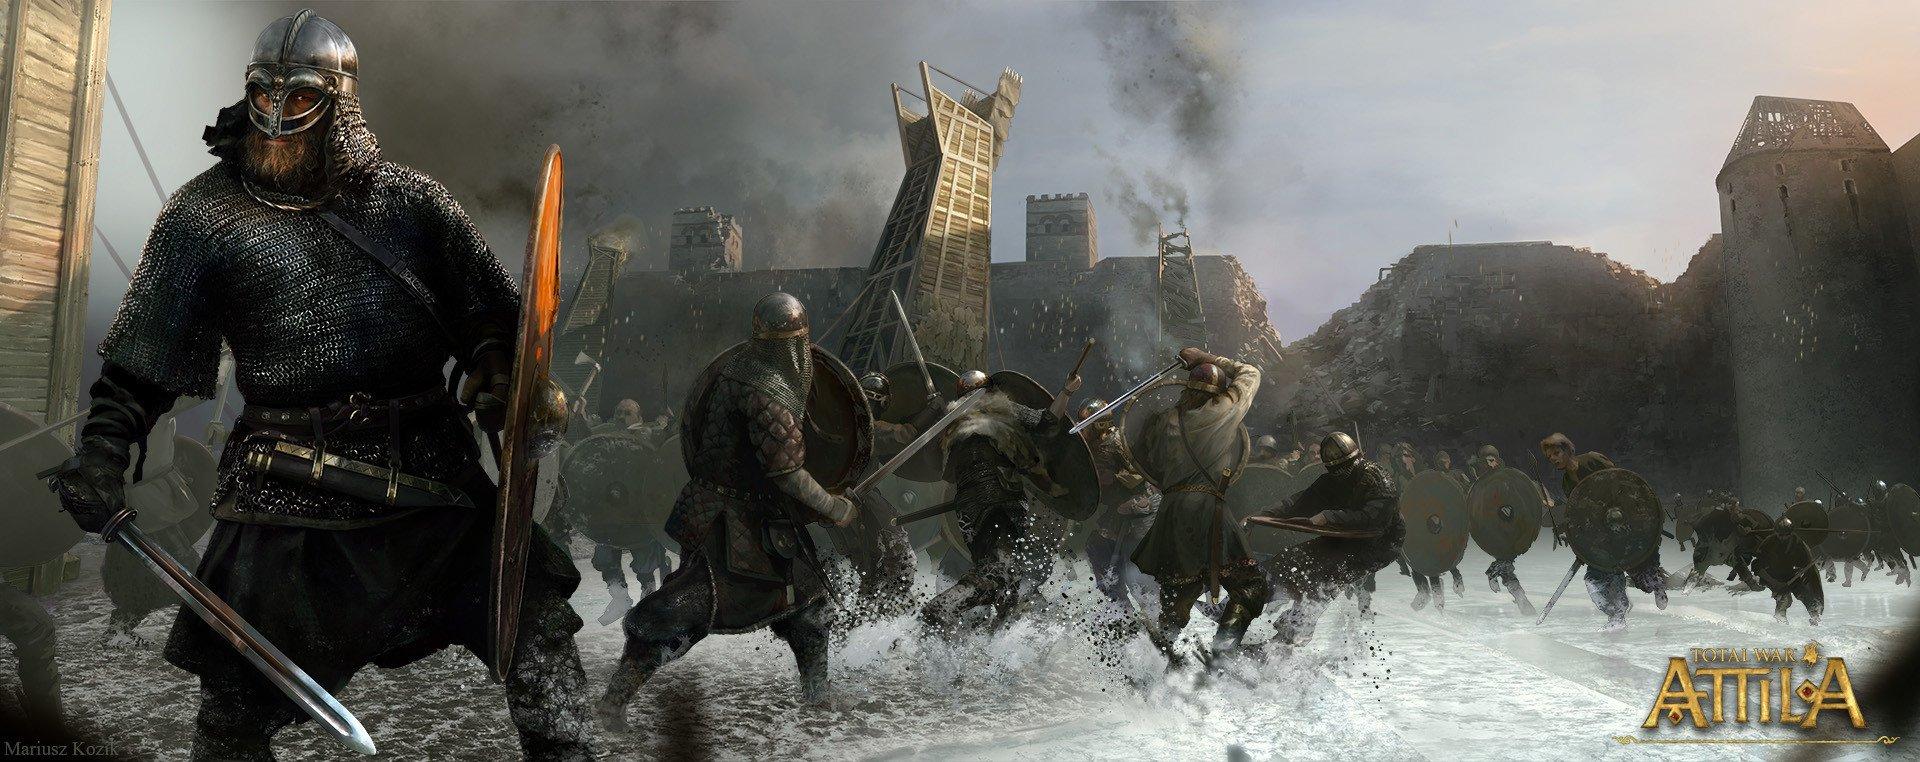 Total War: ATTILA апокалипсис отвратительные мужики disgusting men